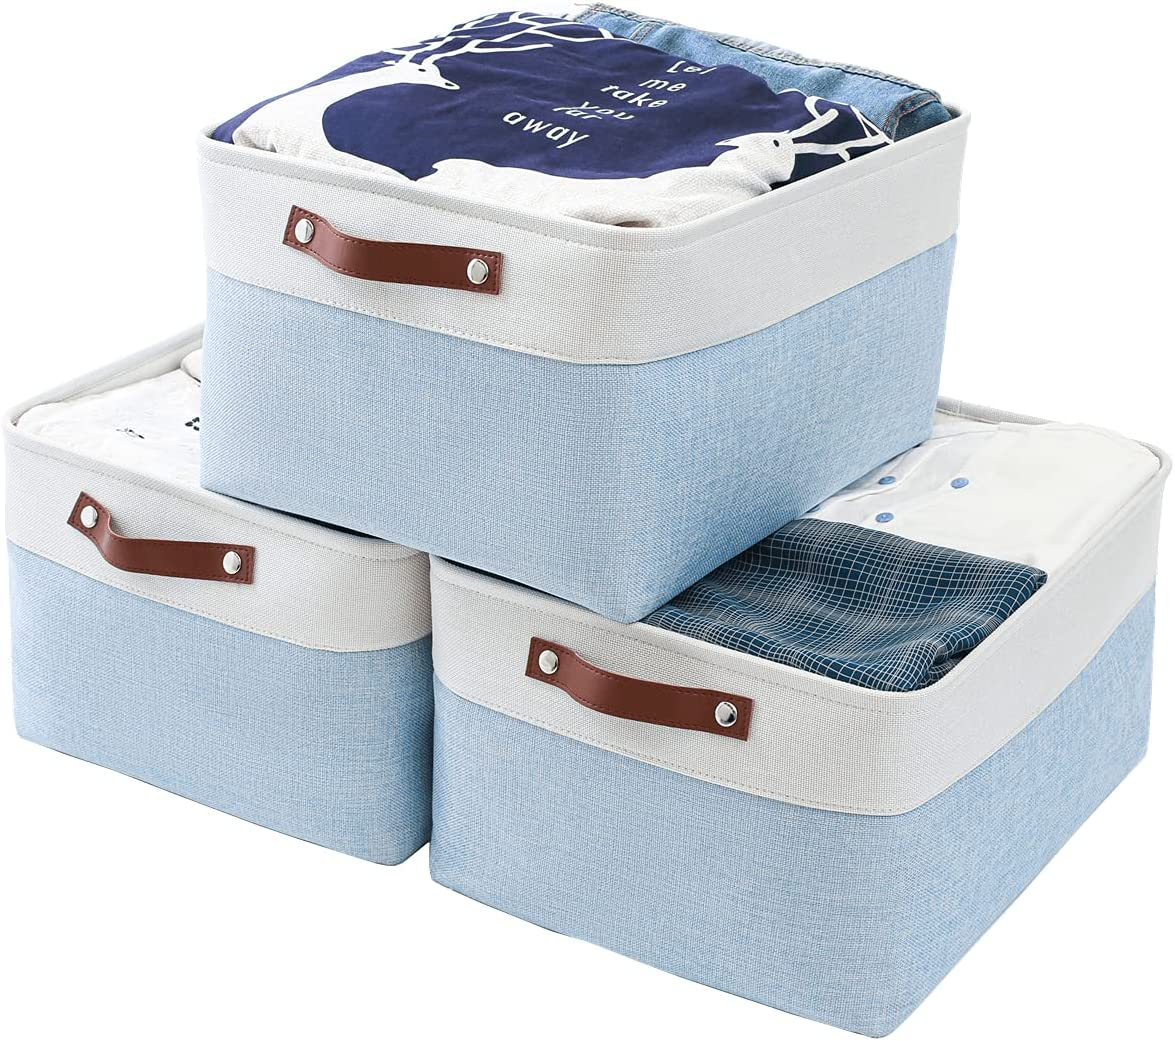 Mangata Cajas Almacenaje, Caja Almacenaje Ropa de Lona Engrosada Plegable Con Asas de Cuero Para Ropa, Juguetes,libros(Lavable, Azul/Blanco, Large)